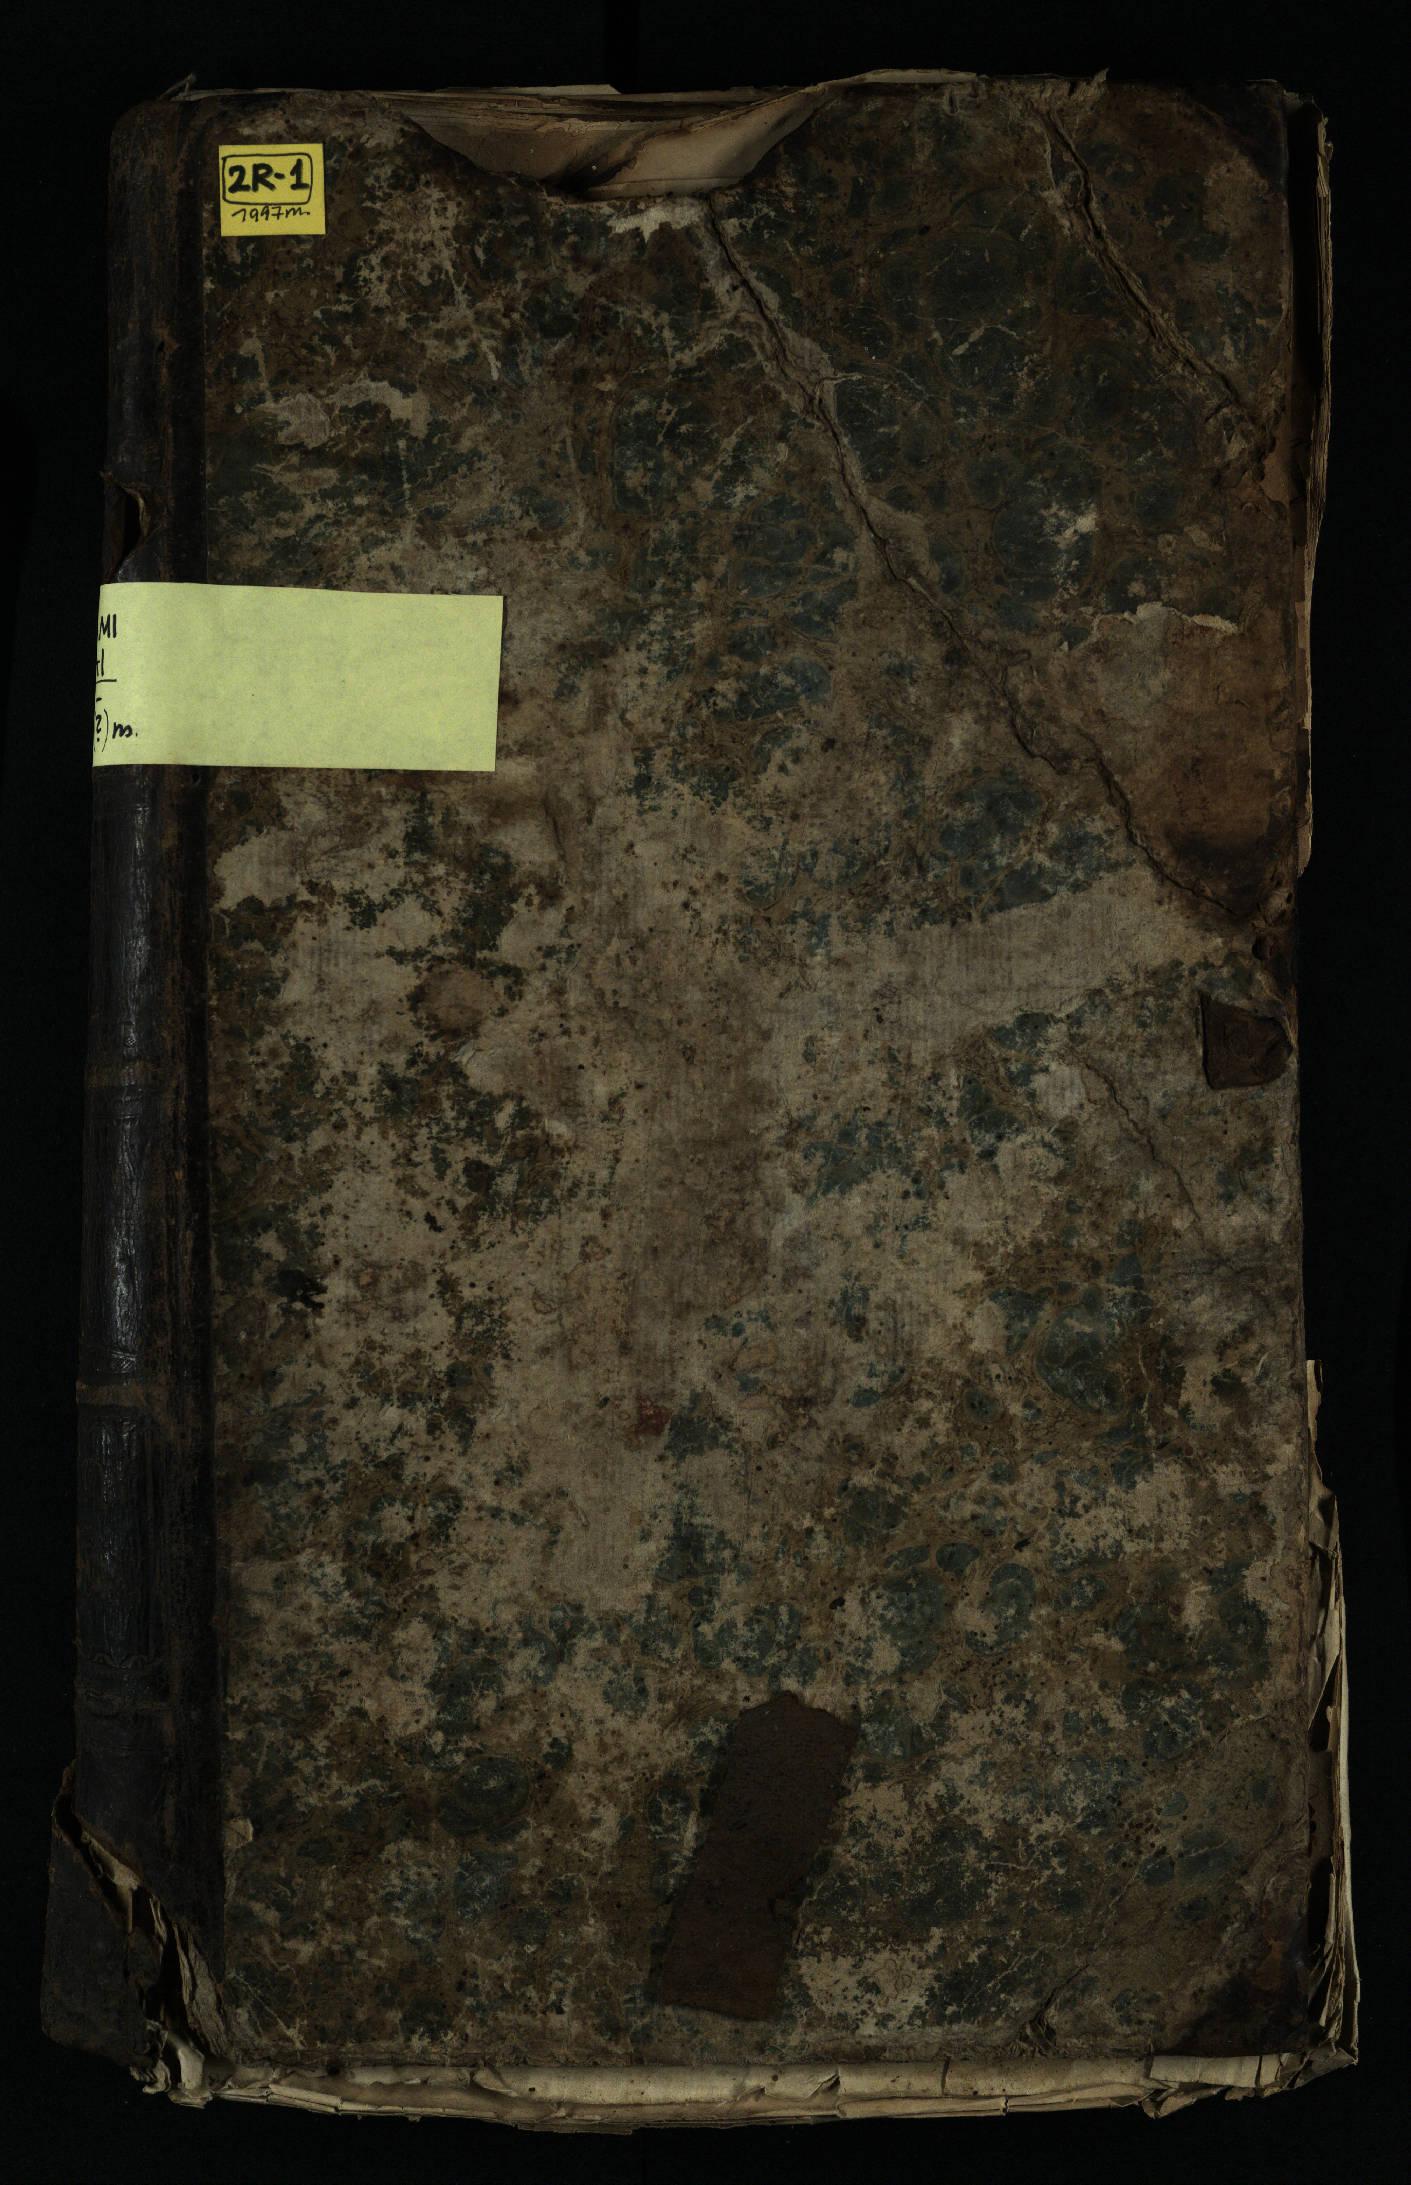 Pušaloto Romos katalikų parapijos bažnyčios 1843–1879 metų gaunamų raštų knyga